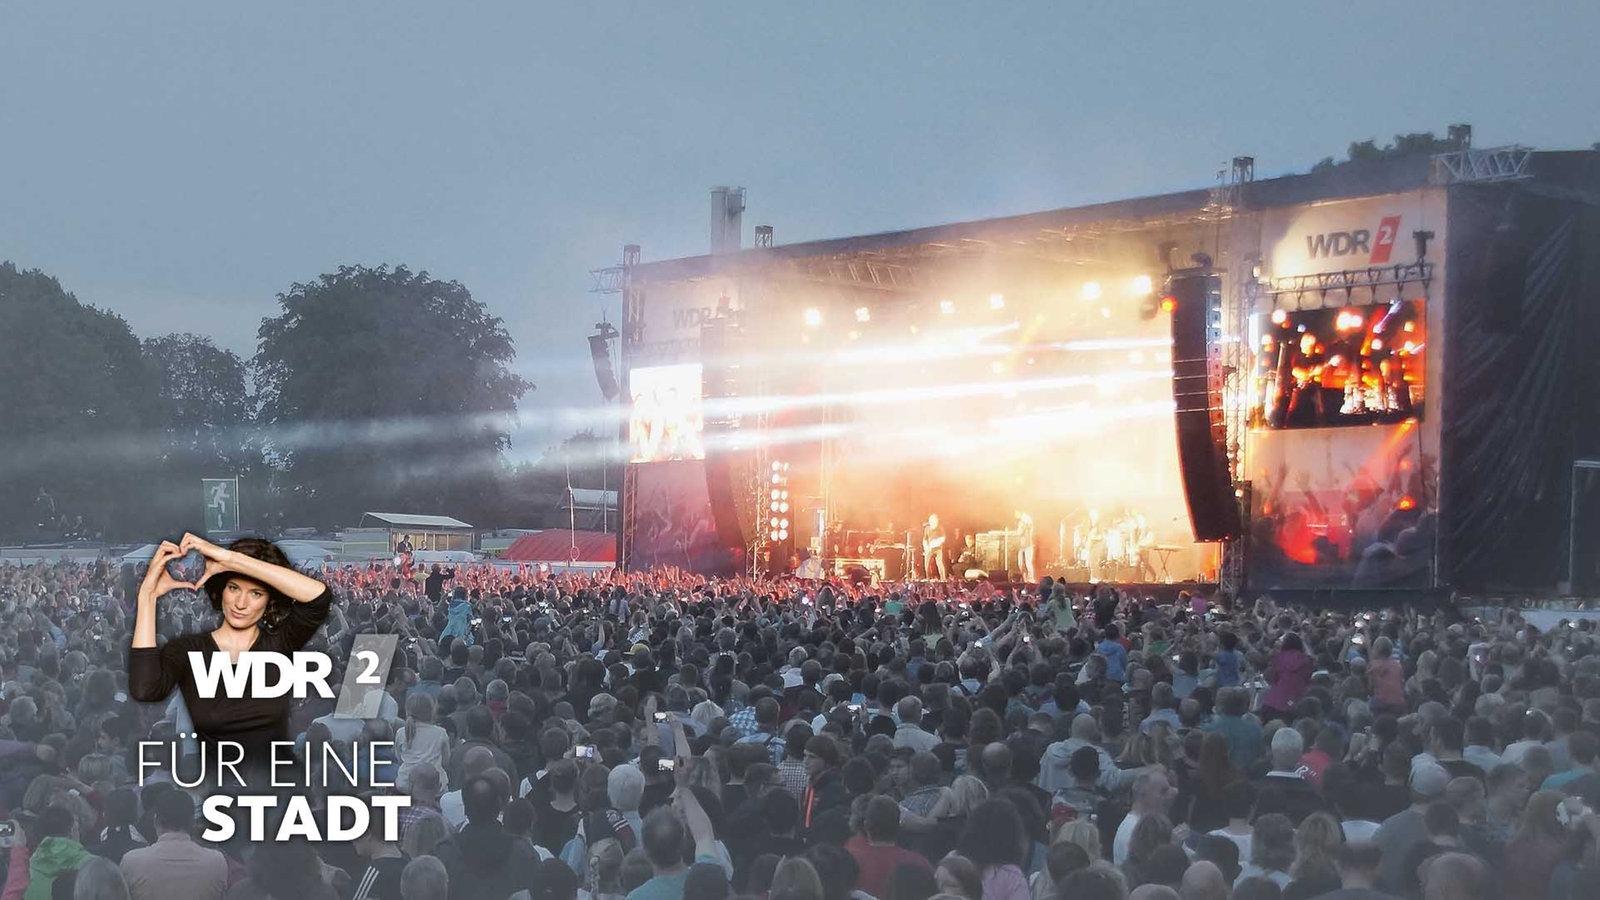 Bhne Des WDR 2 Sommer Open Air 2014 In Remscheid